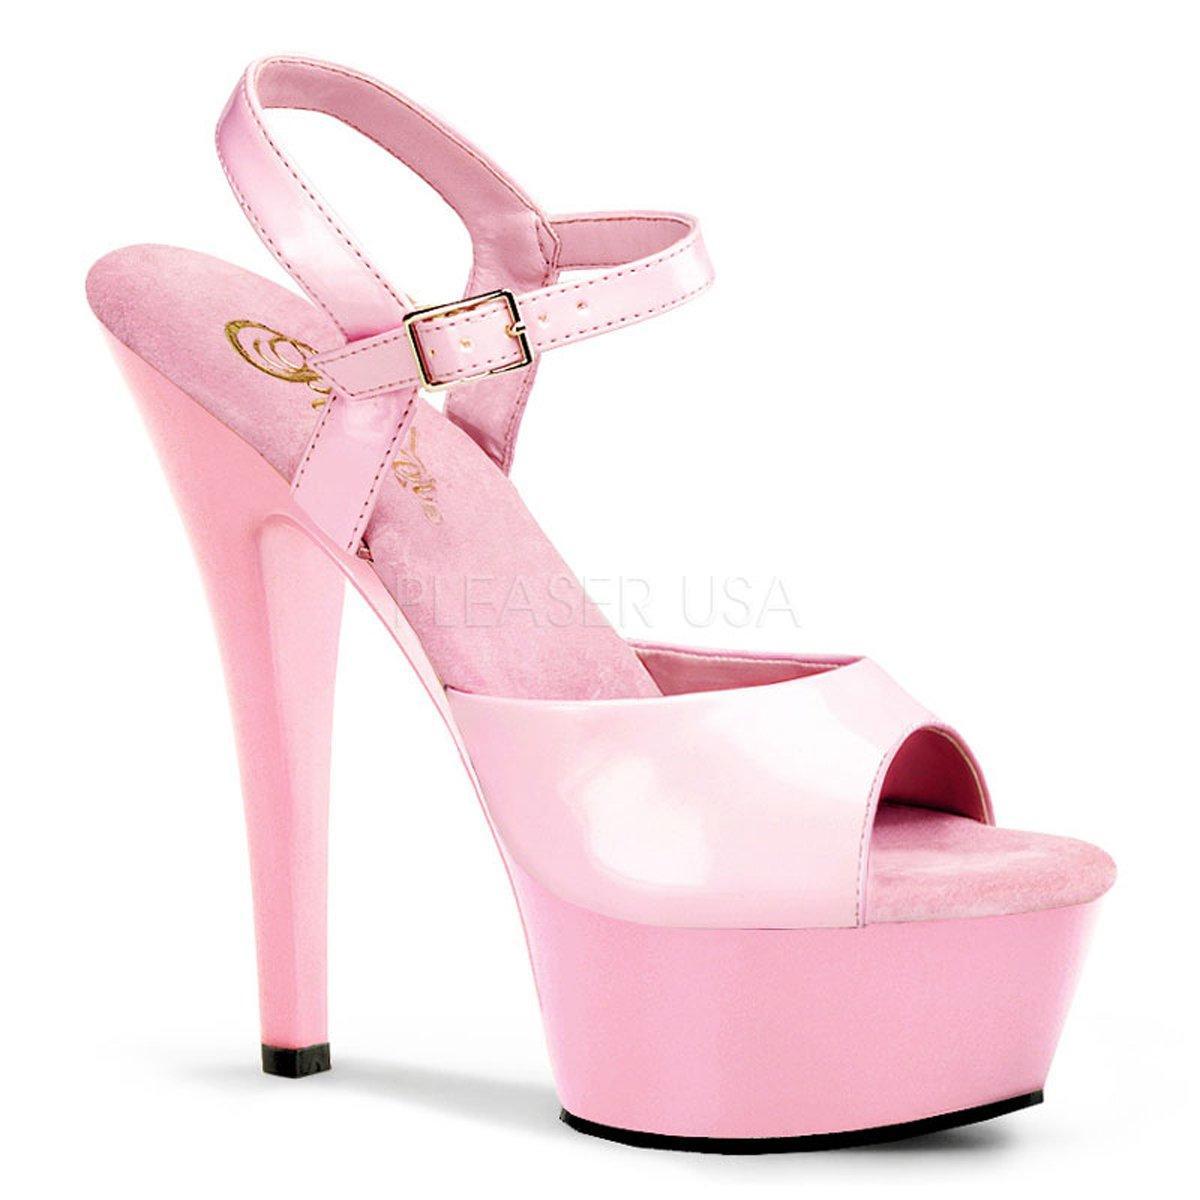 e8b39558d522 KISS-209 Růžové lakované sandálky na podpatku a platformě